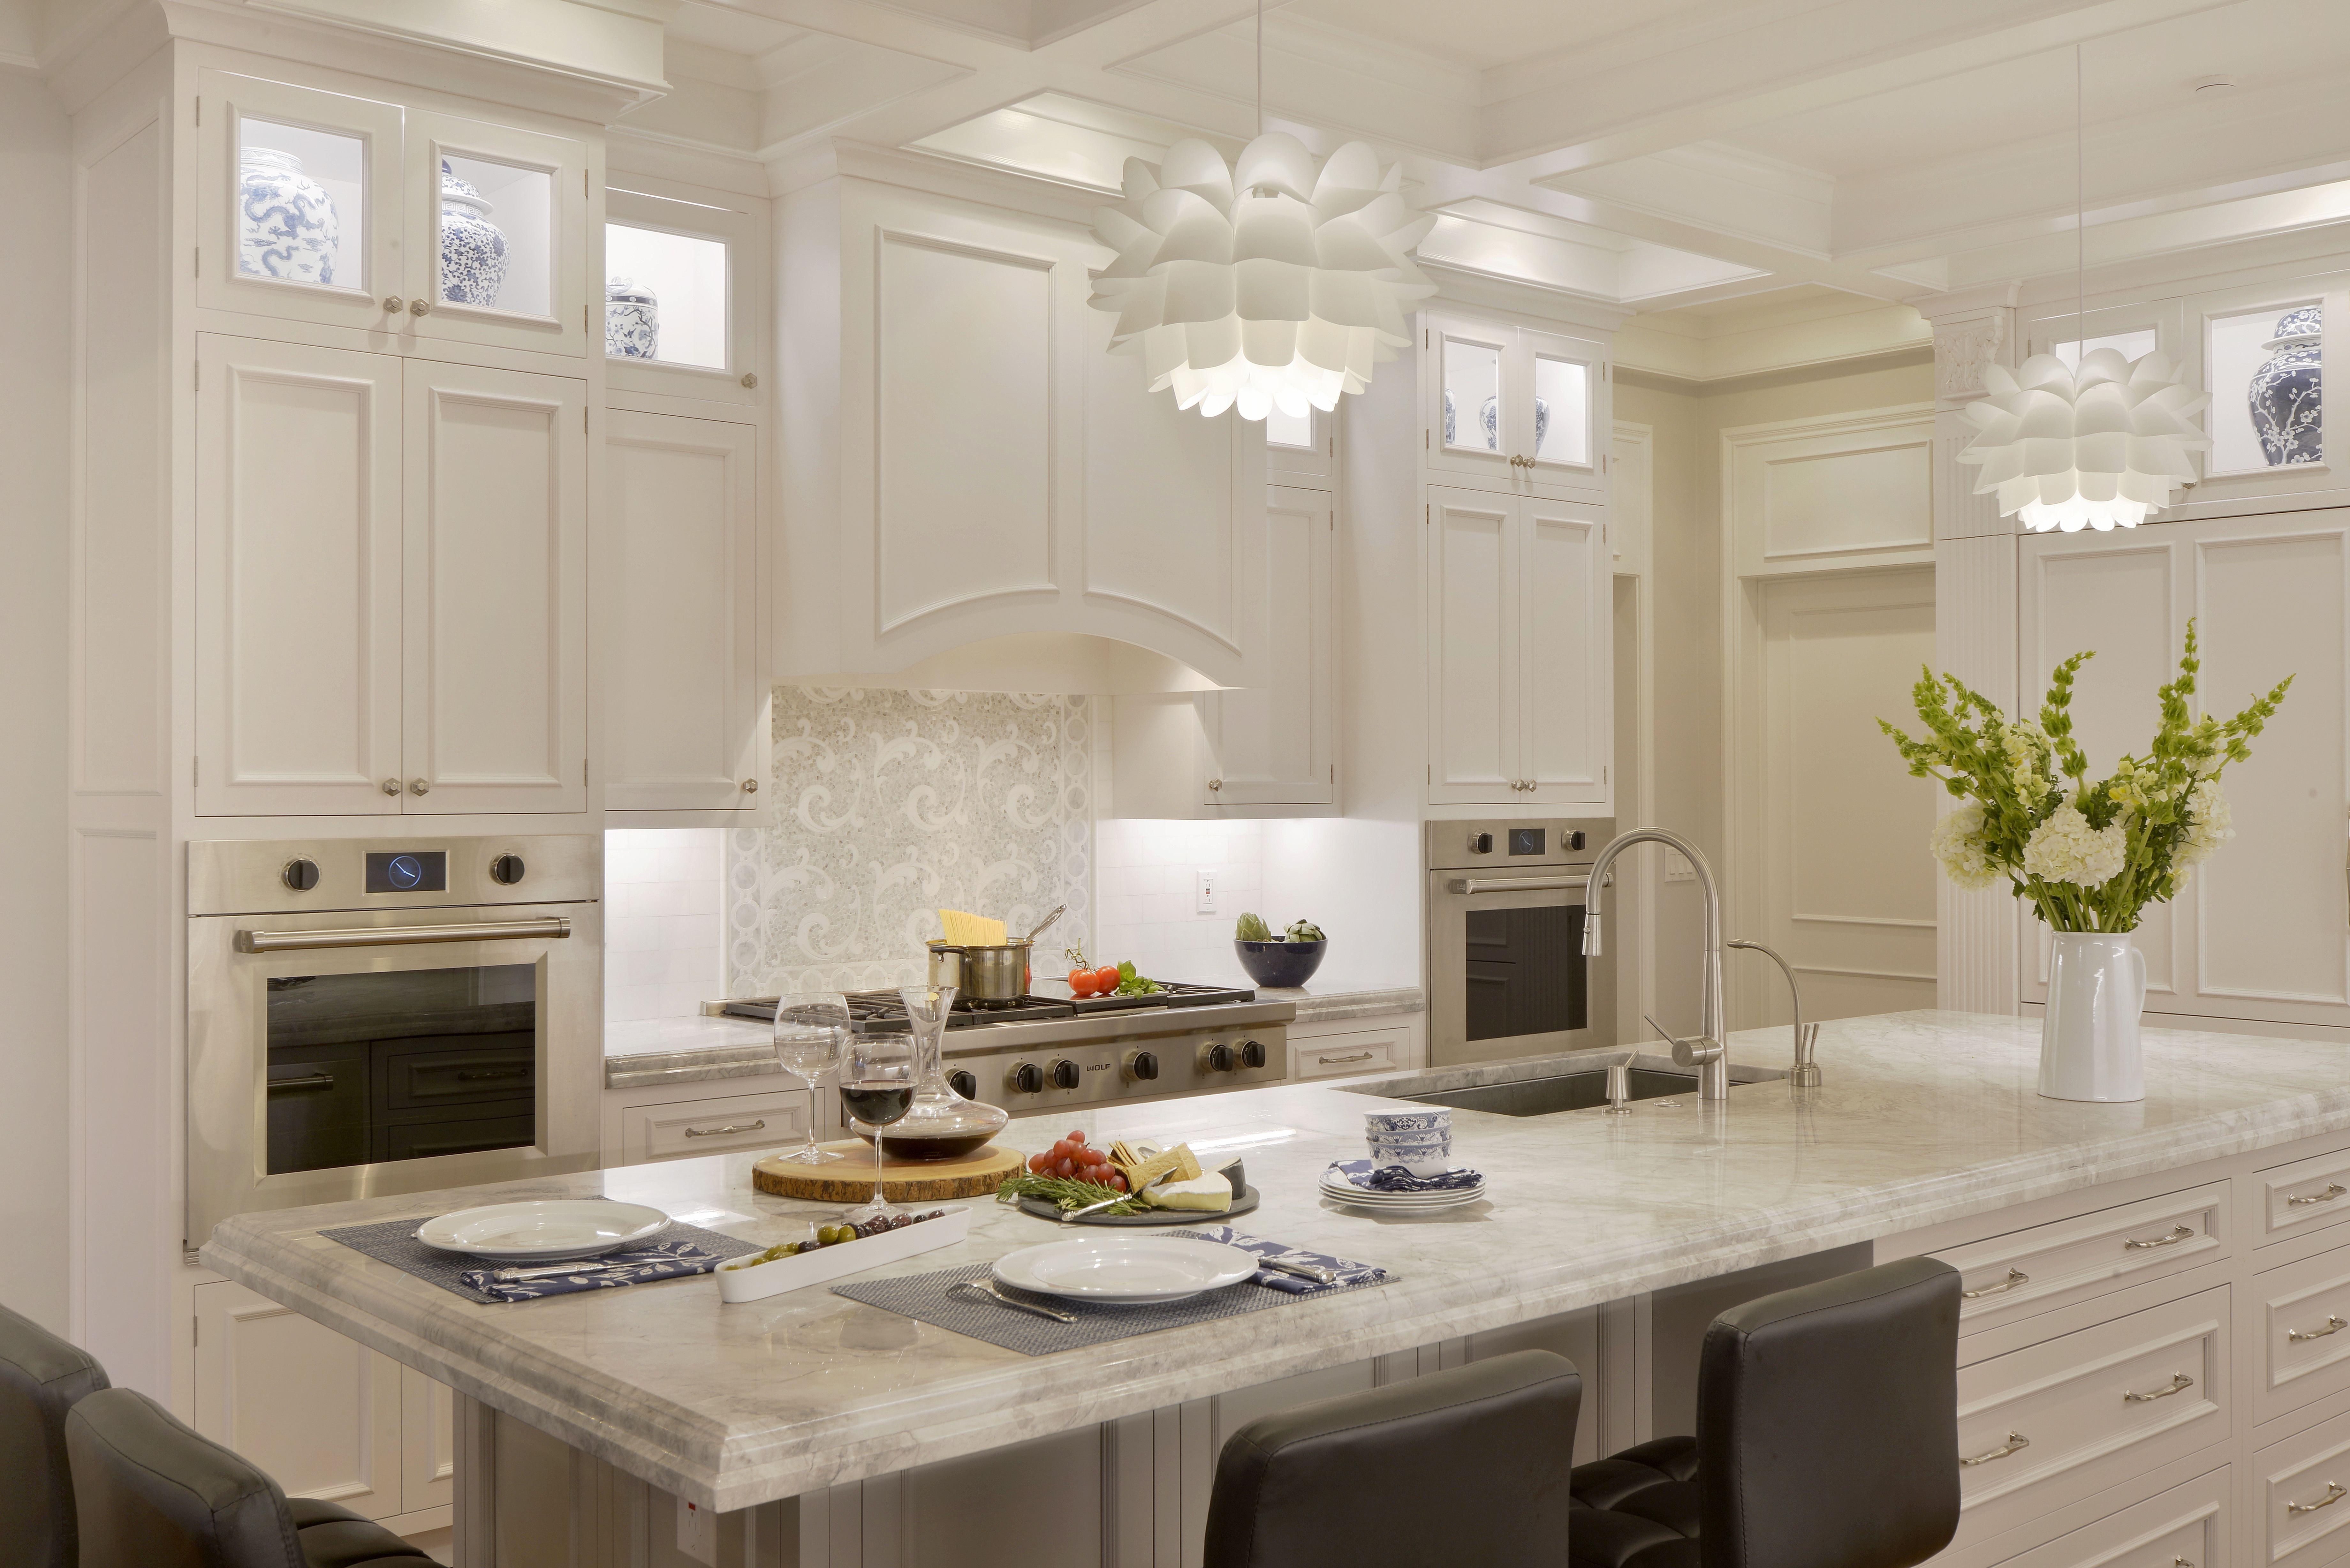 Tolle Bilotta Küchen New York City Ideen - Ideen Für Die Küche ...